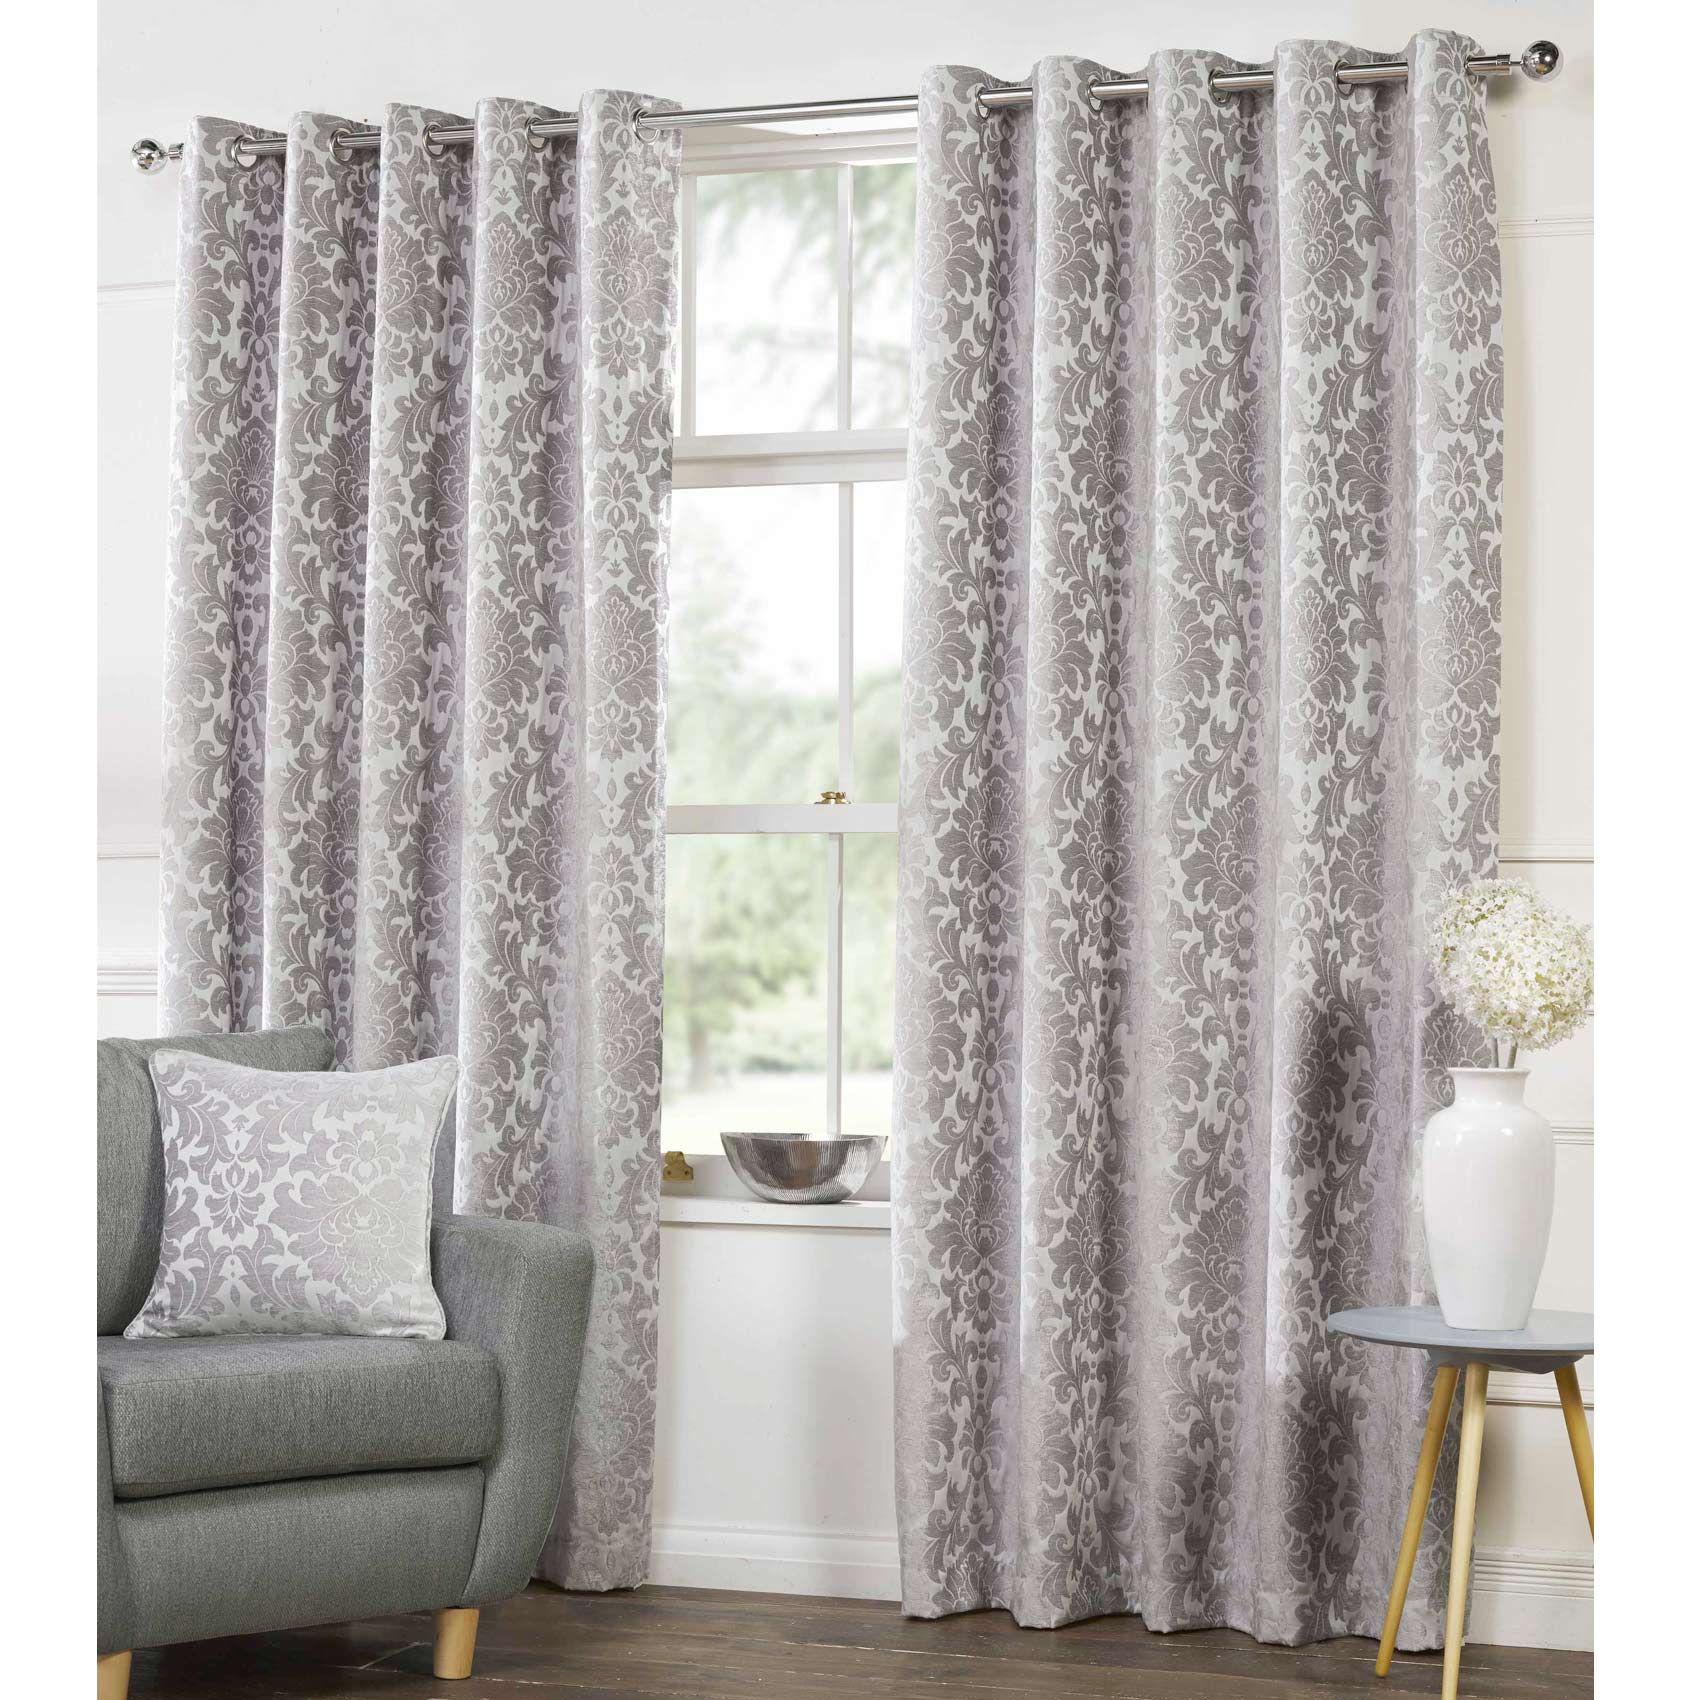 Camden Damask Woven Chenille Lined Eyelet Curtains Silver Silver Curtains Curtain Designs Curtain Design Modern